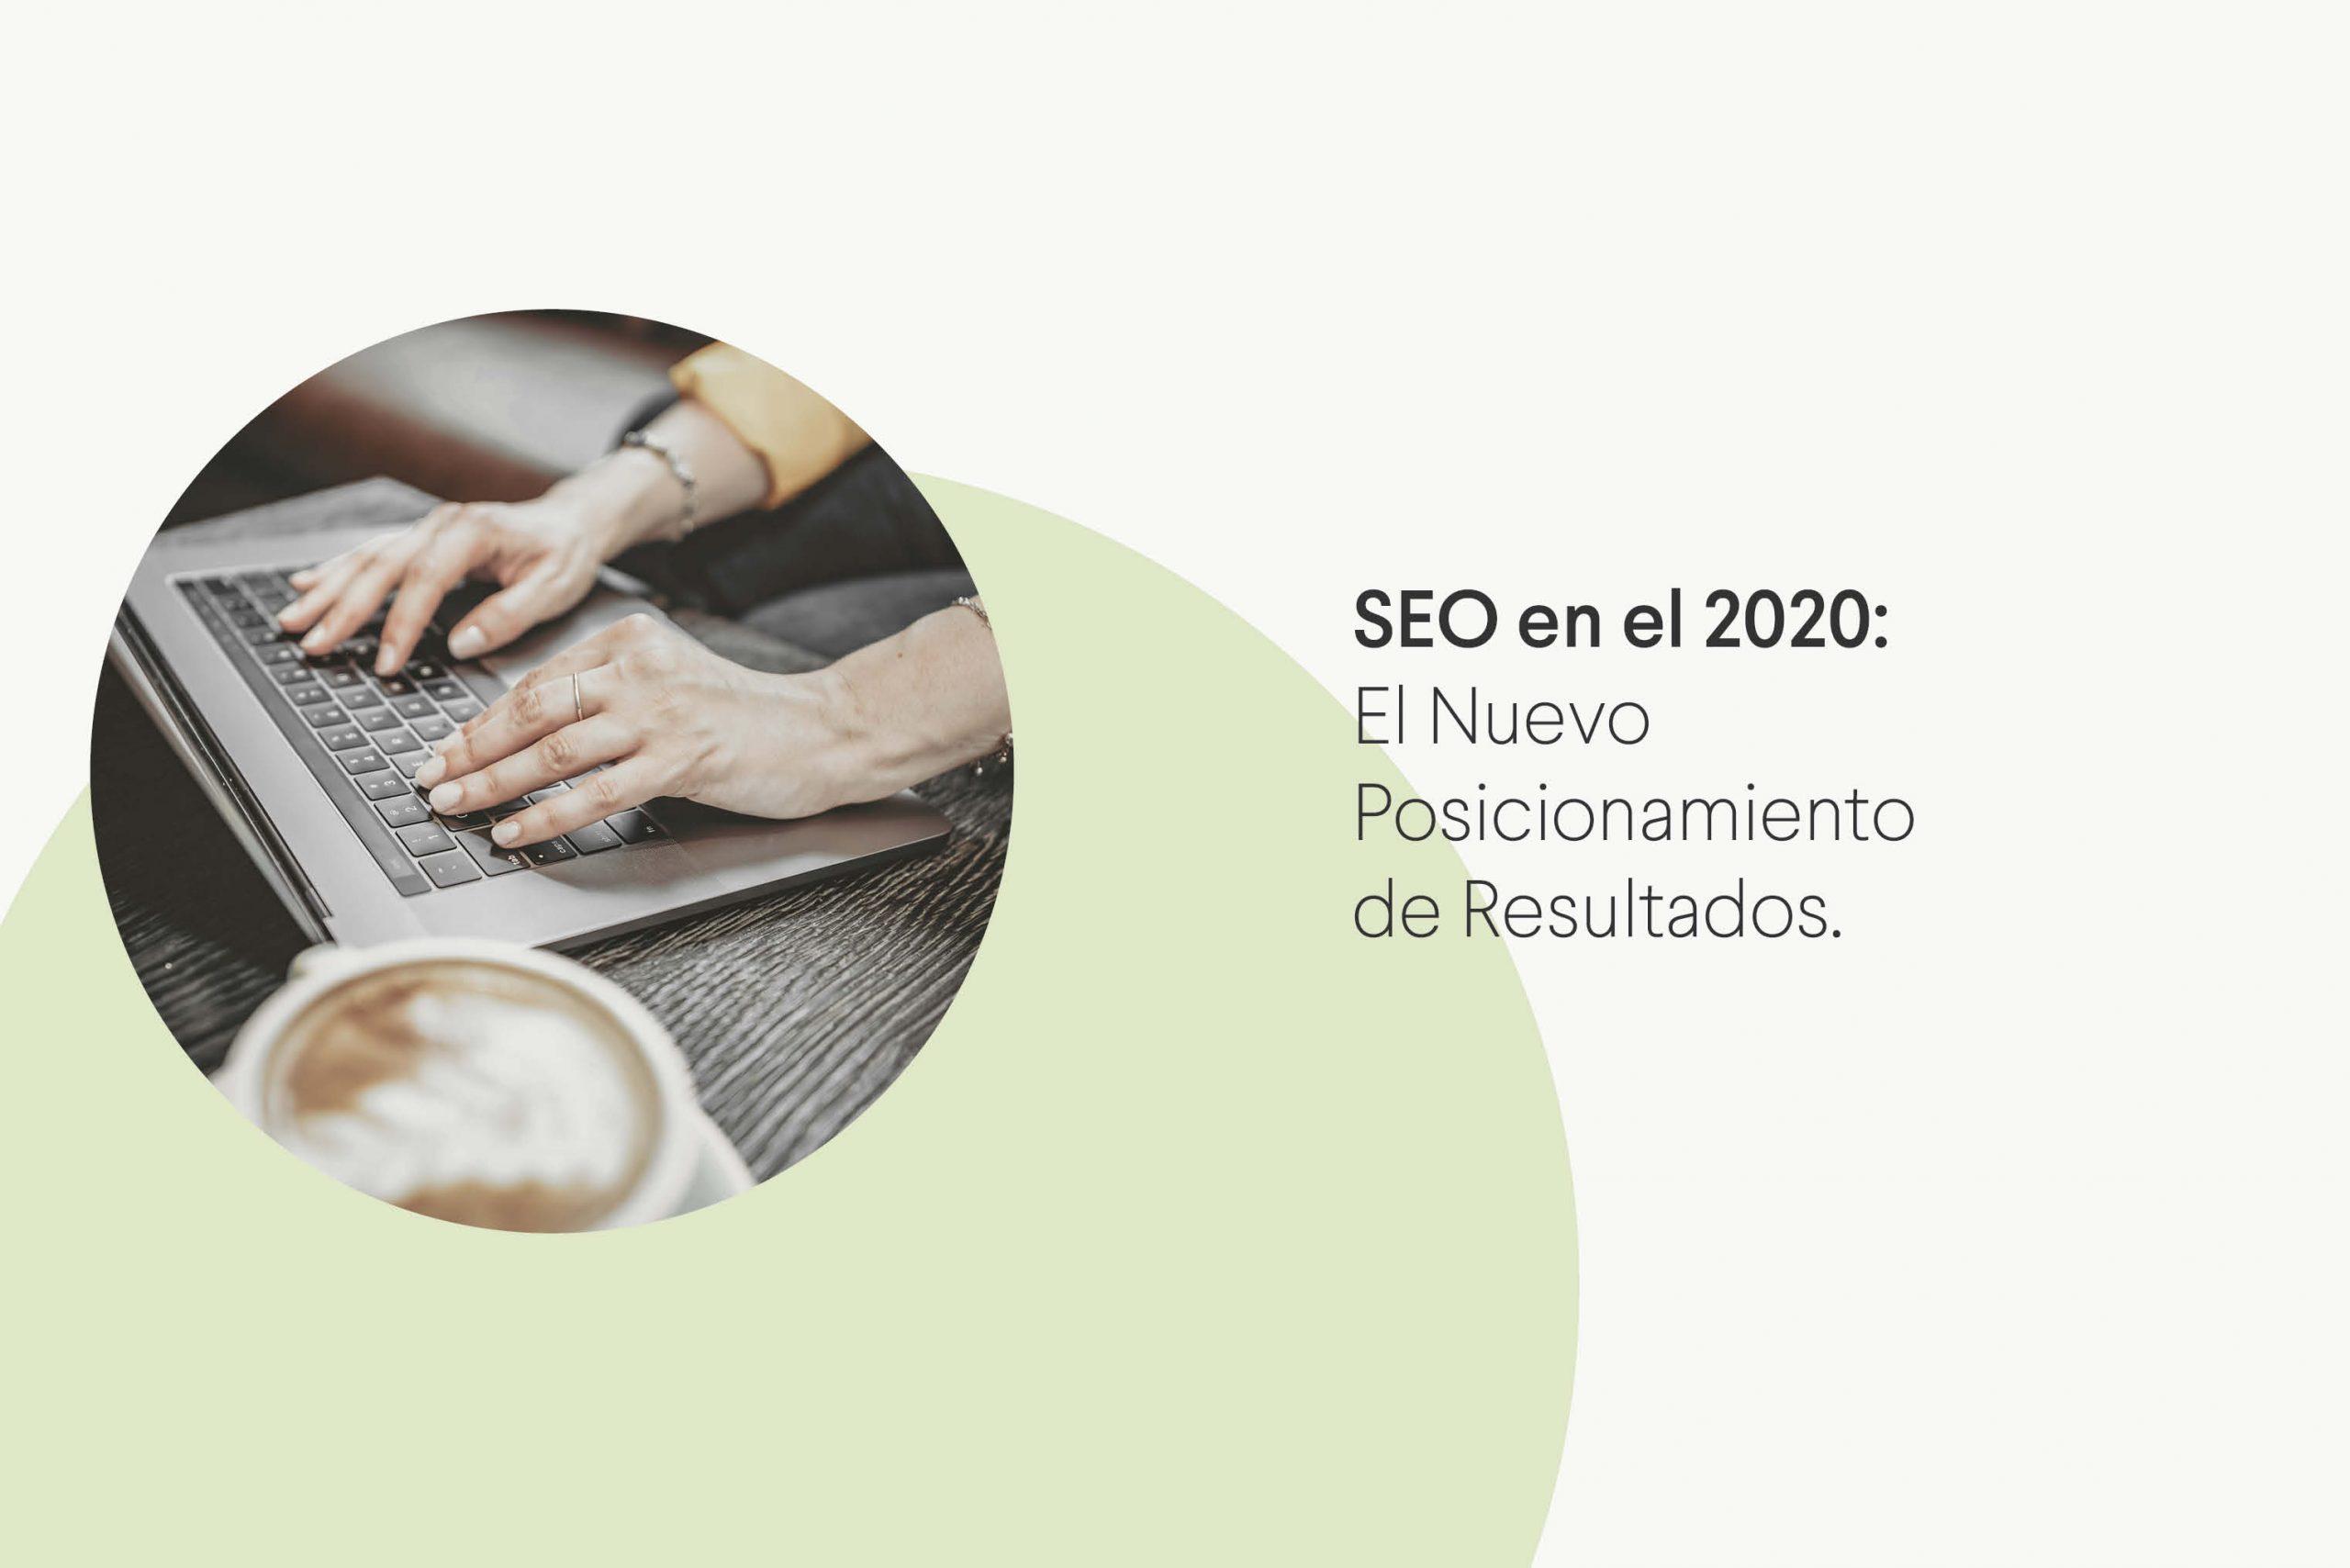 Posicionamiento de Resultados en 2020